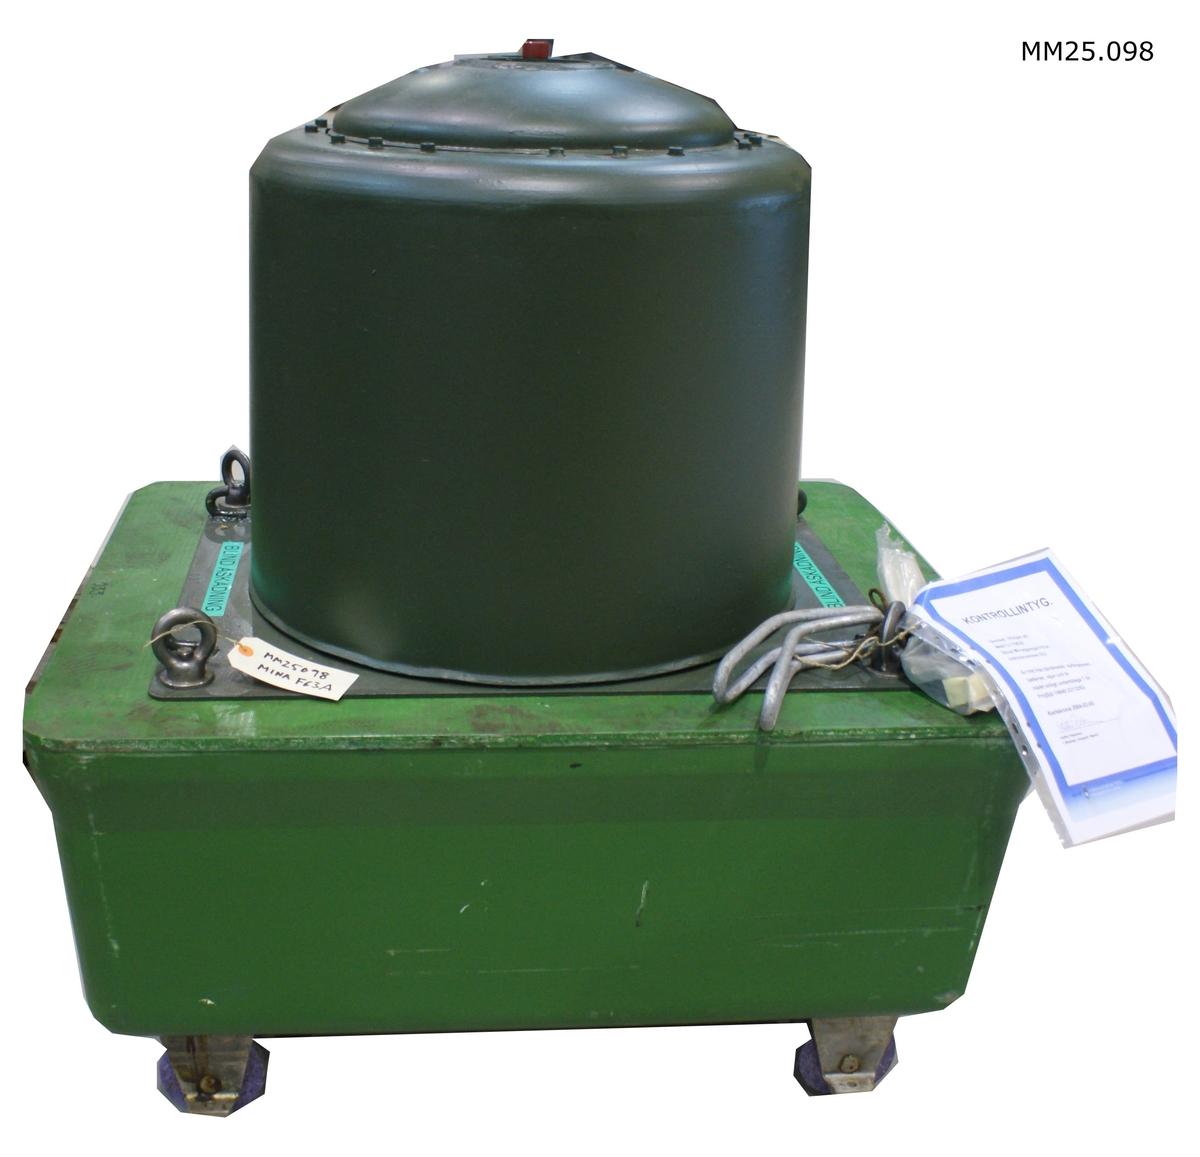 """Minan består av ett ankare som utgörs av en rektangulär liggande låda på vilket fyra rälsanpassade hjul sitter fästade. Ovanpå ankaret sitter minaggregatet vilket utgörs av en cylinder med en konkav rund del på. Hela minan grönmålad.  Minan har individnummer 033. Märkt """"Blind åskådning""""."""